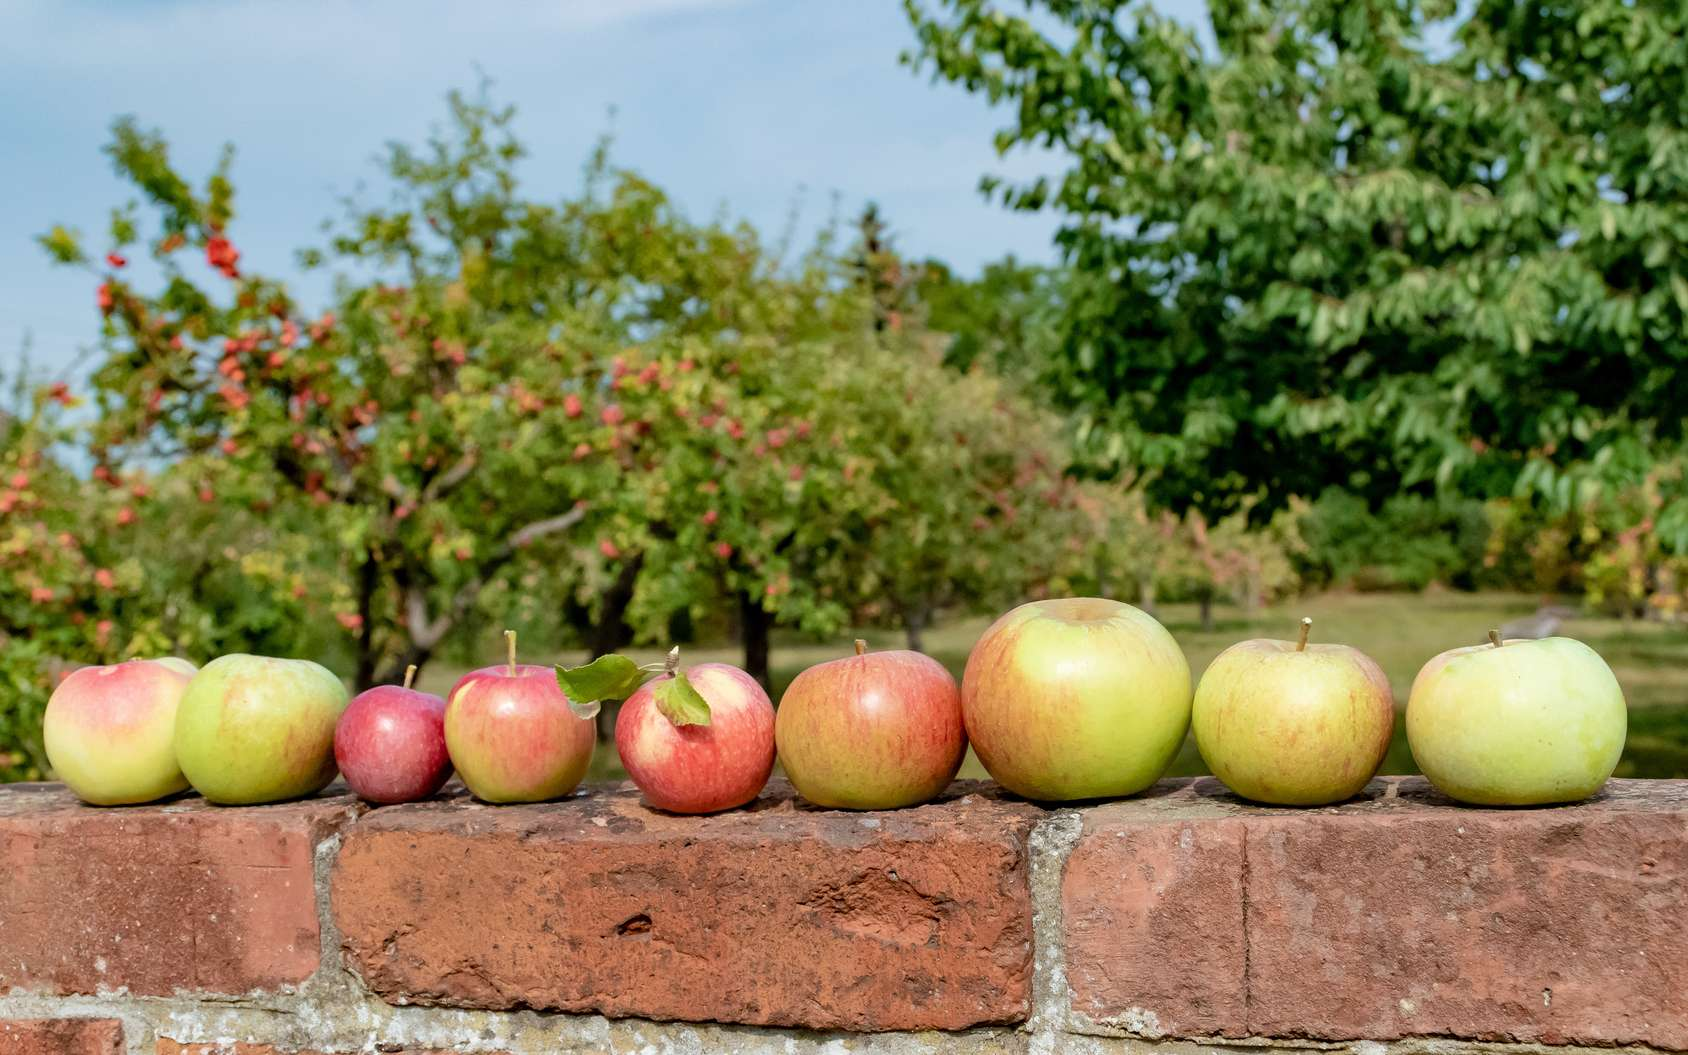 Comment Planter Un Arbre Fruitier comment réussir la plantation de vos arbres fruitiers ?